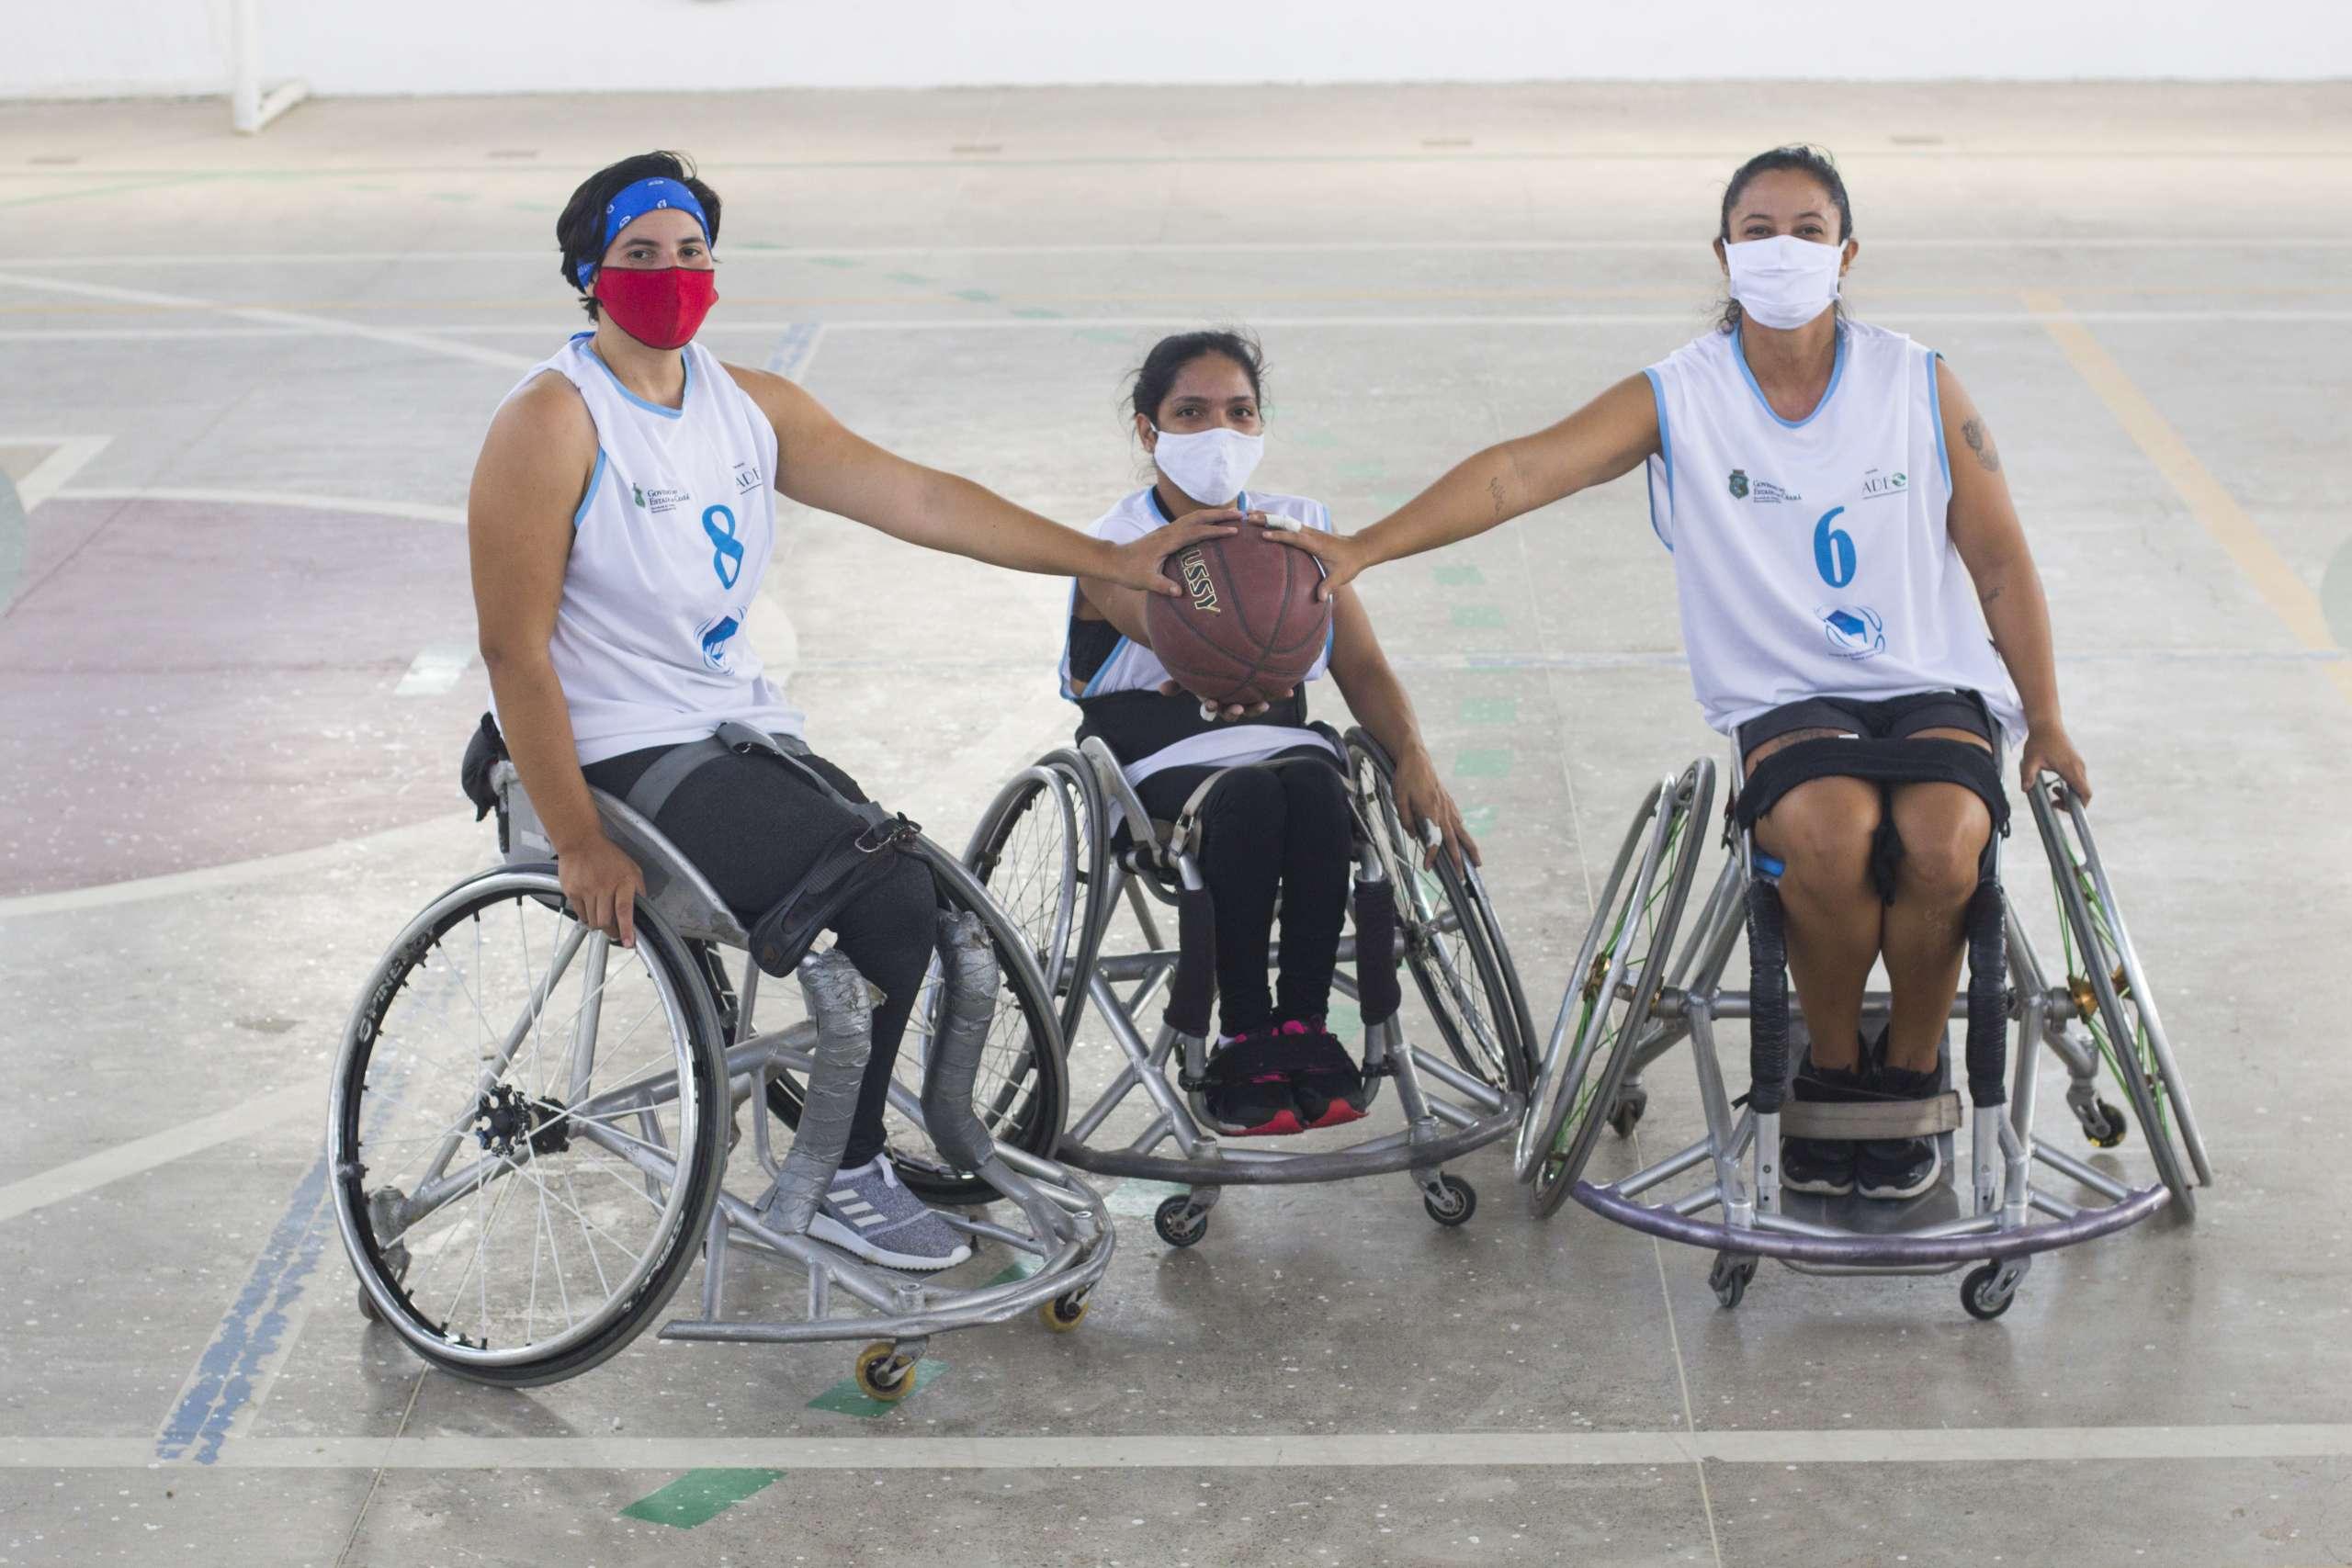 Convocadas pela seleção brasileira atletas do Cepid participarão do campeonato Sul-Americano na Argentina, em setembro